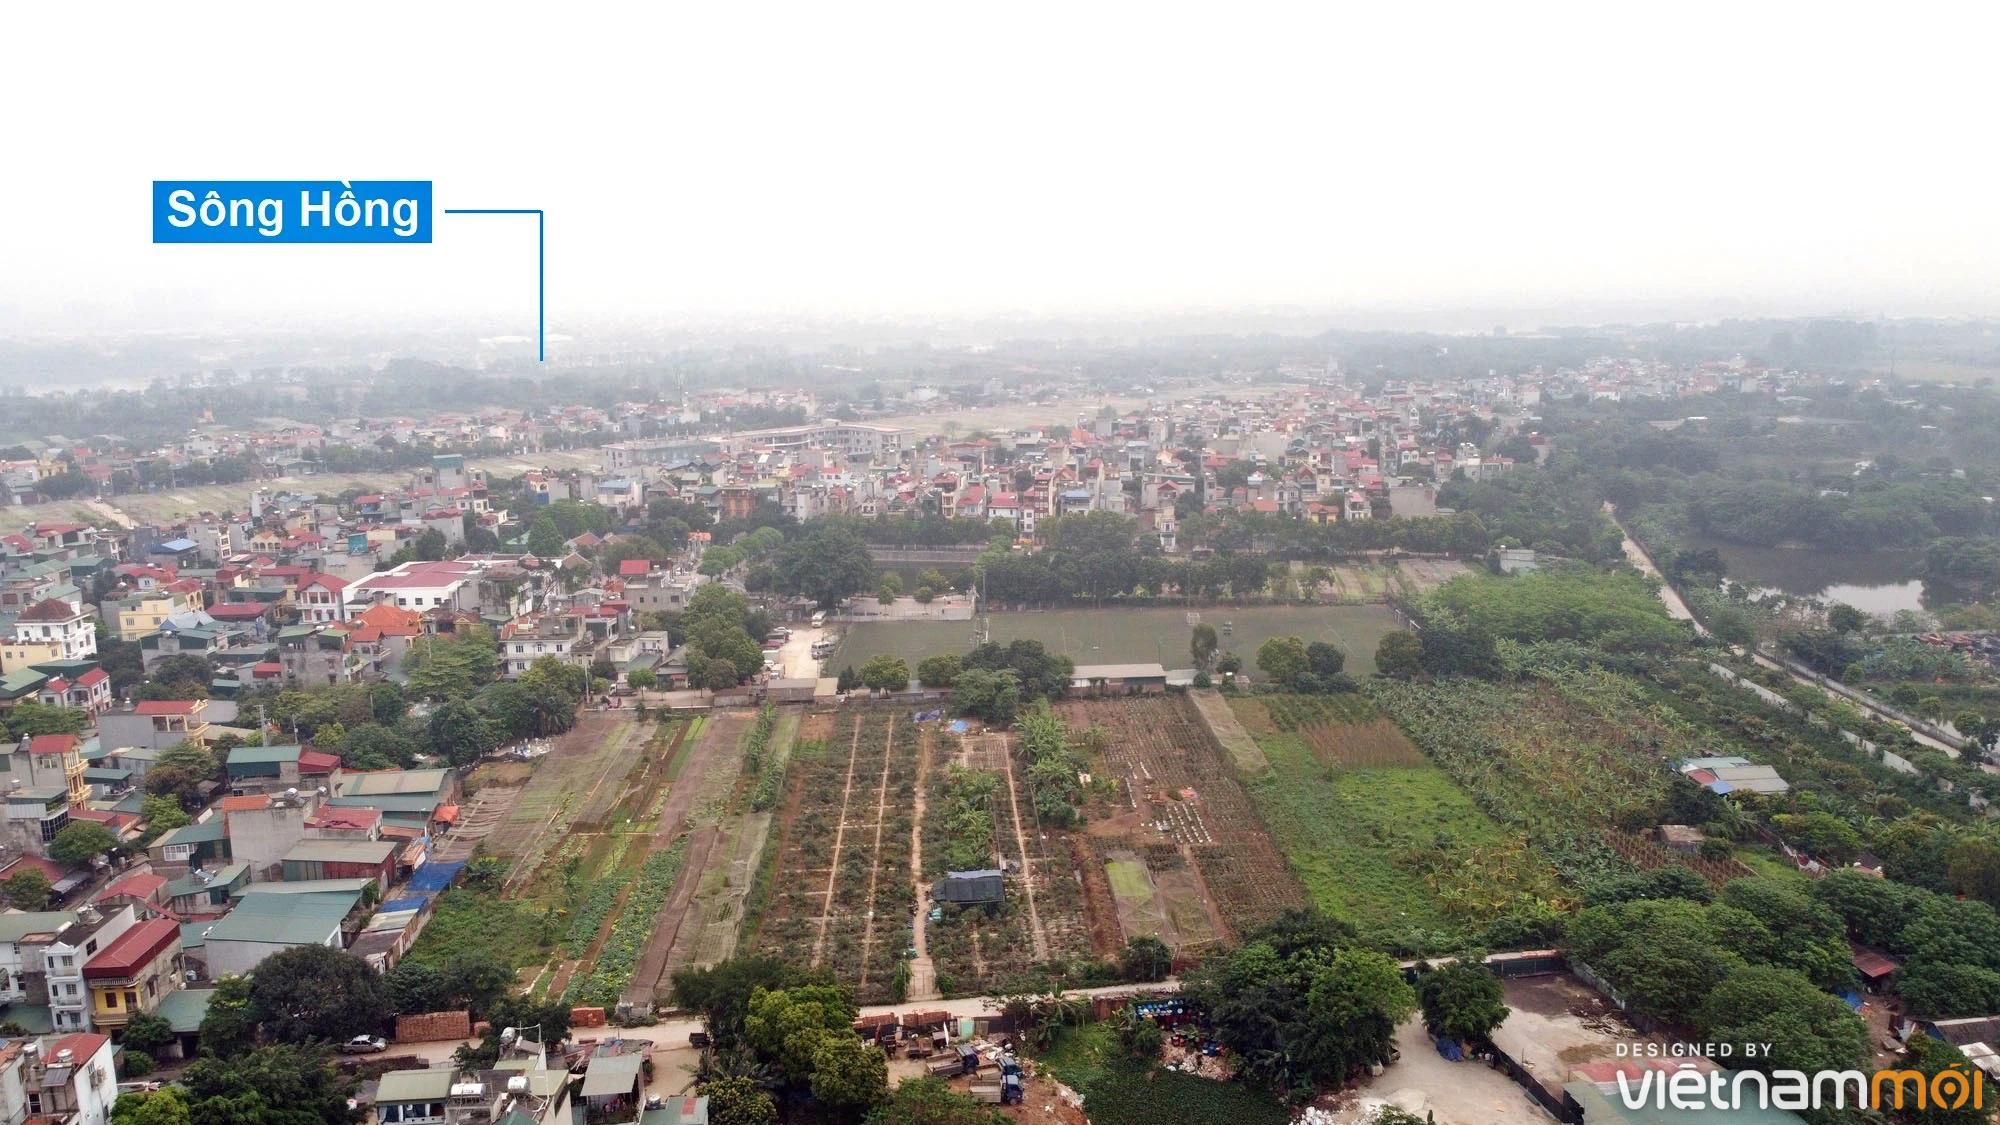 Toàn cảnh hiện trạng Phân khu đô thị sông Hồng trên địa bàn quận Hoàng Mai - Ảnh 20.